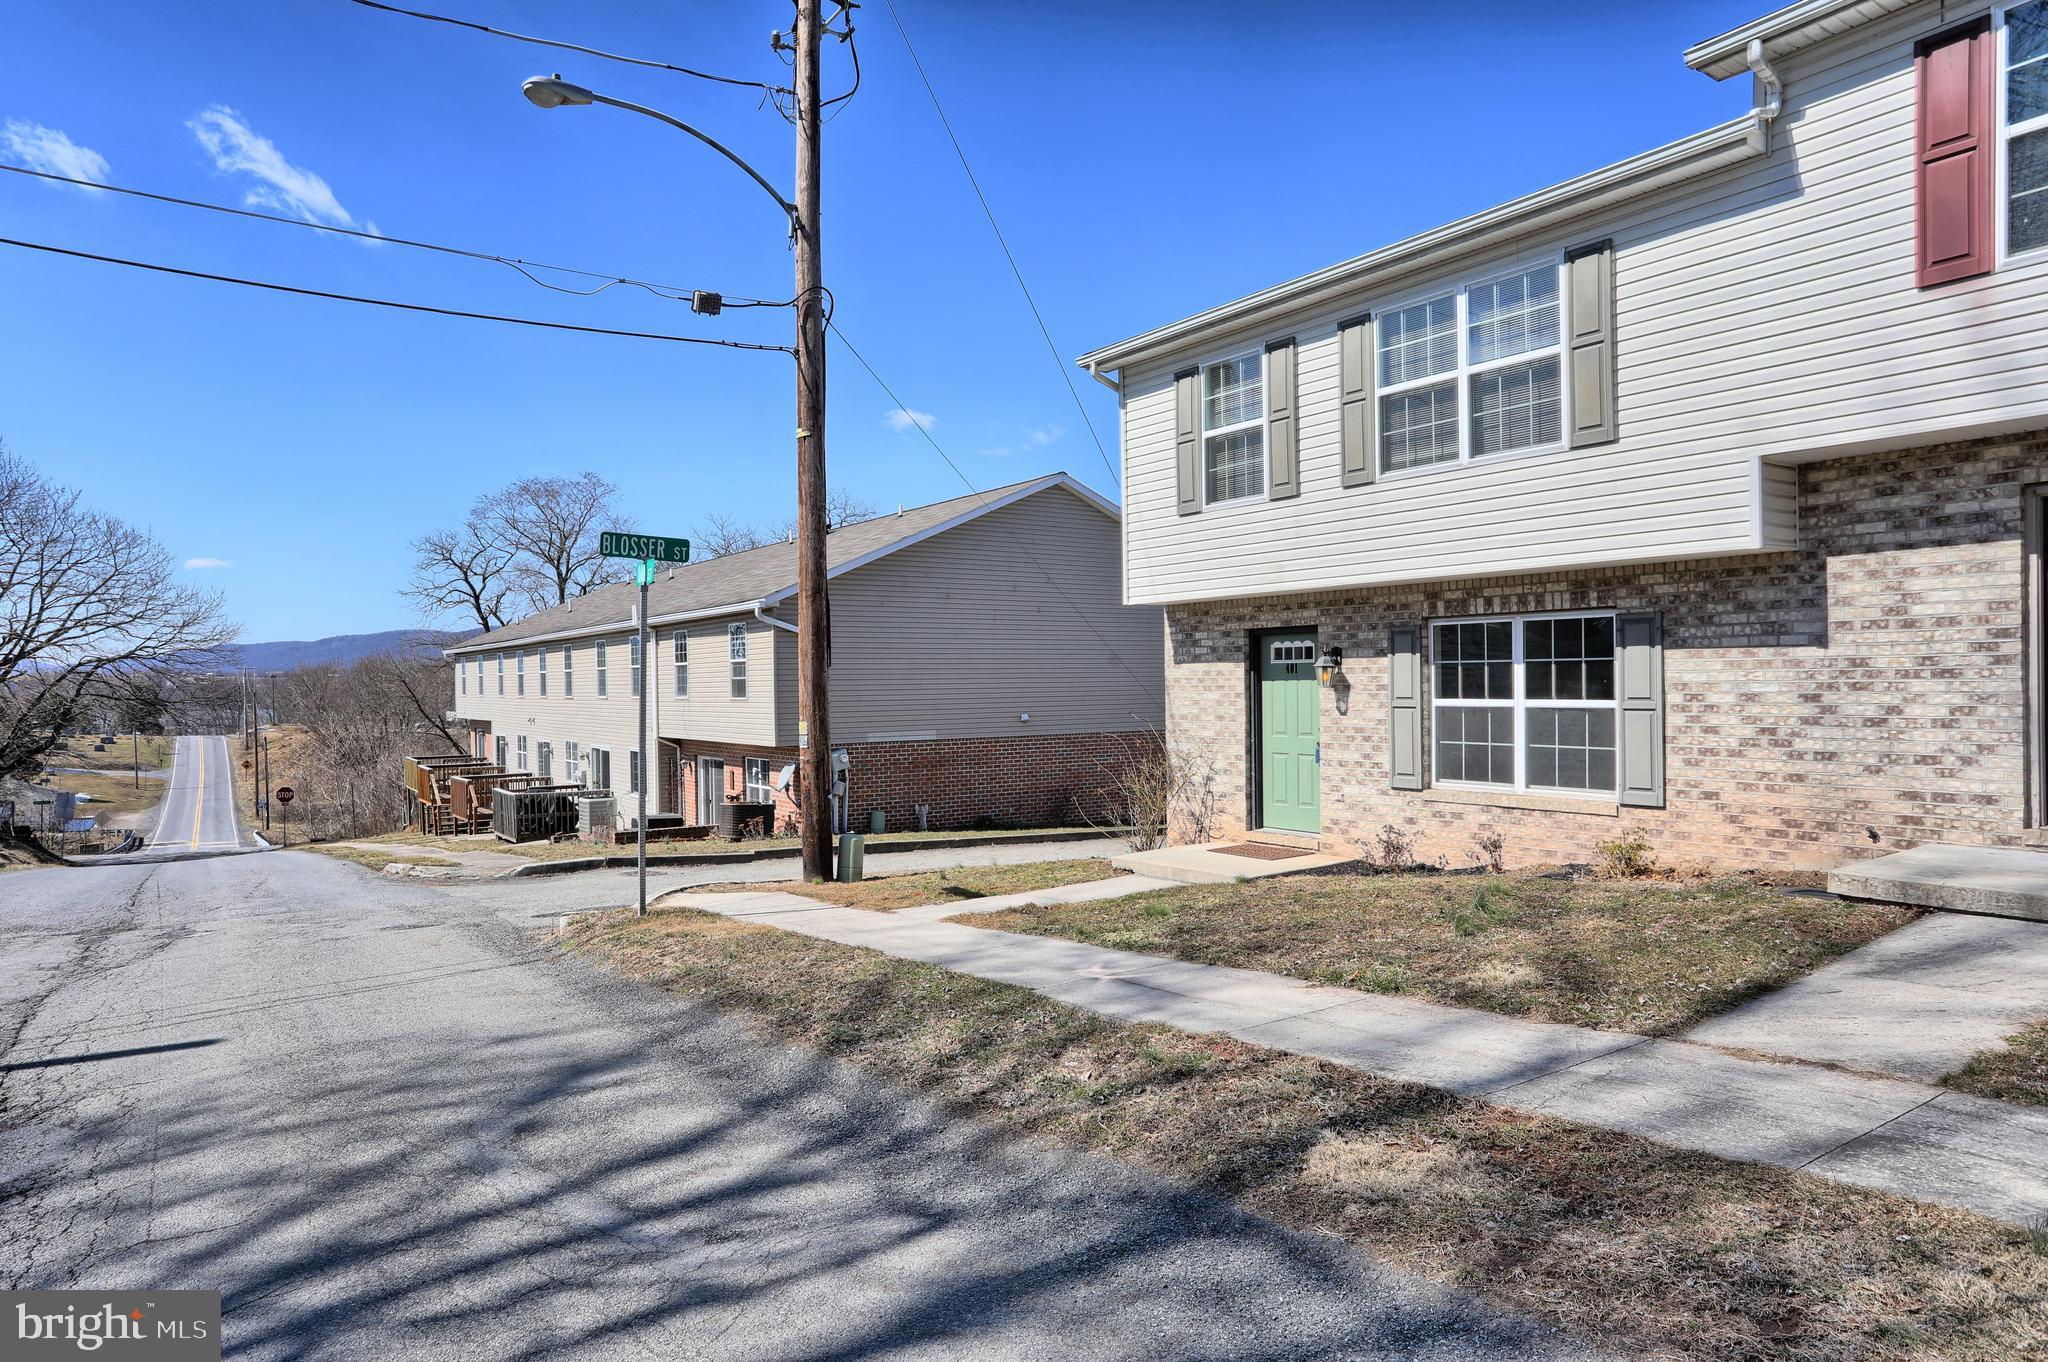 401 OAK STREET, MILLERSBURG, PA 17061